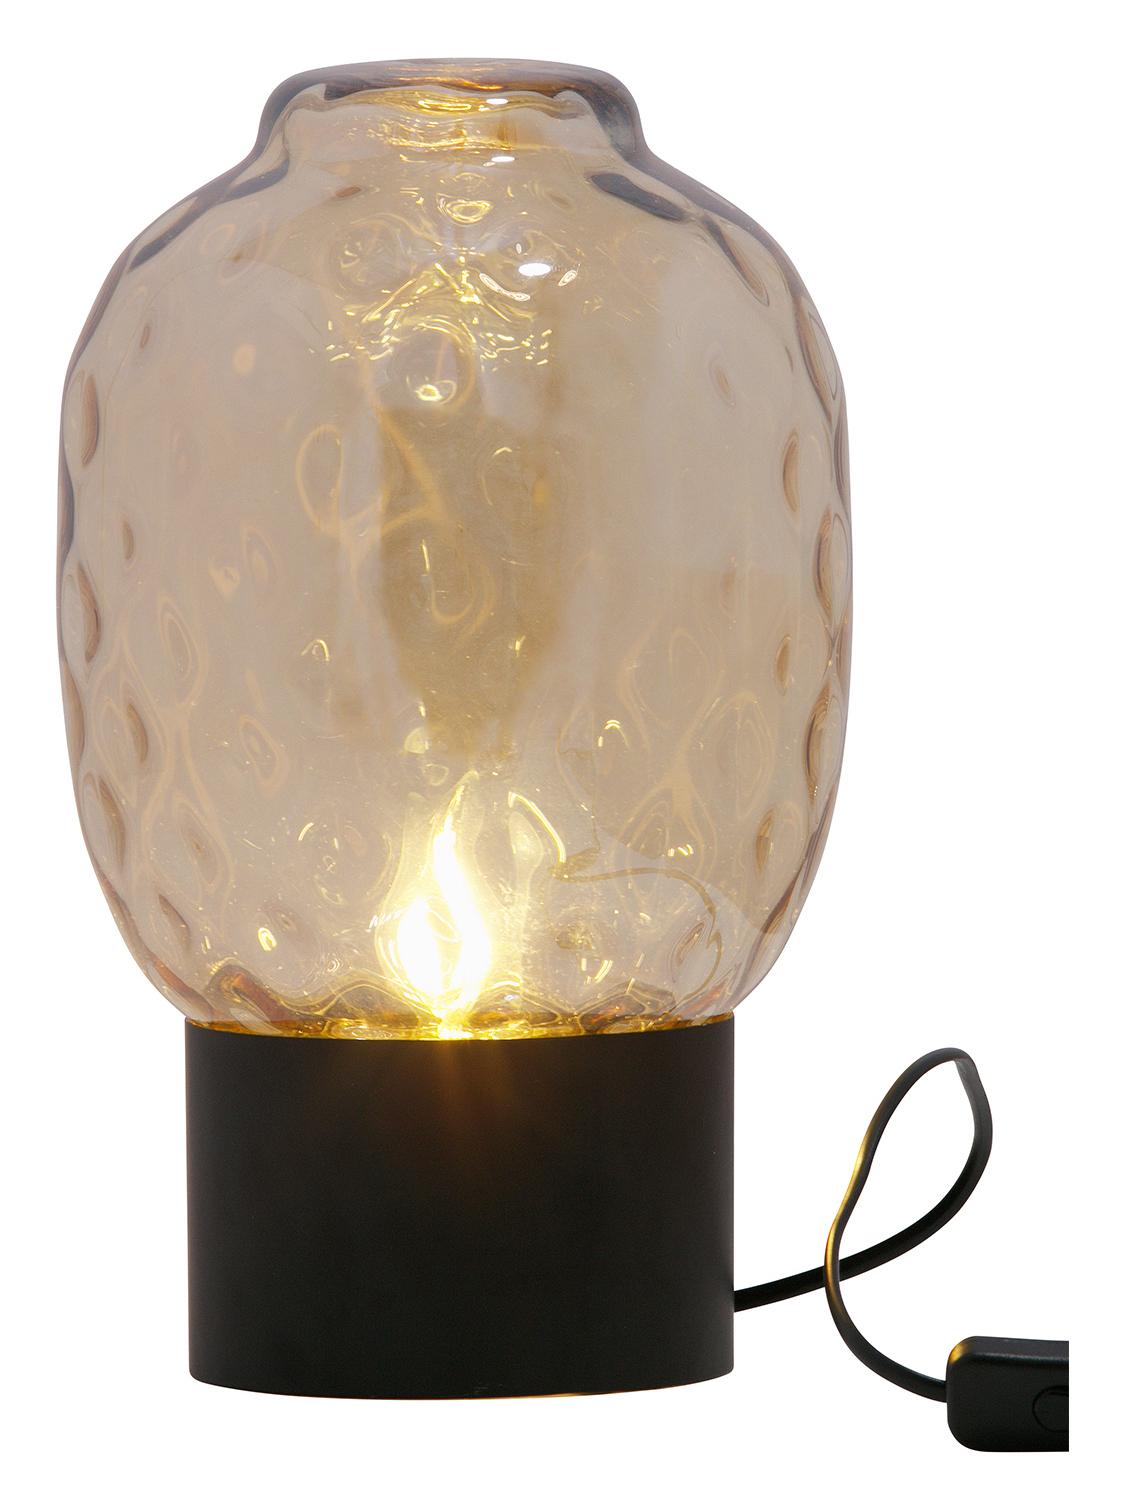 BePureHome Tafellamp 'Bubble' Maat XL, kleur Antique Brass Verlichting | Tafellampen kopen